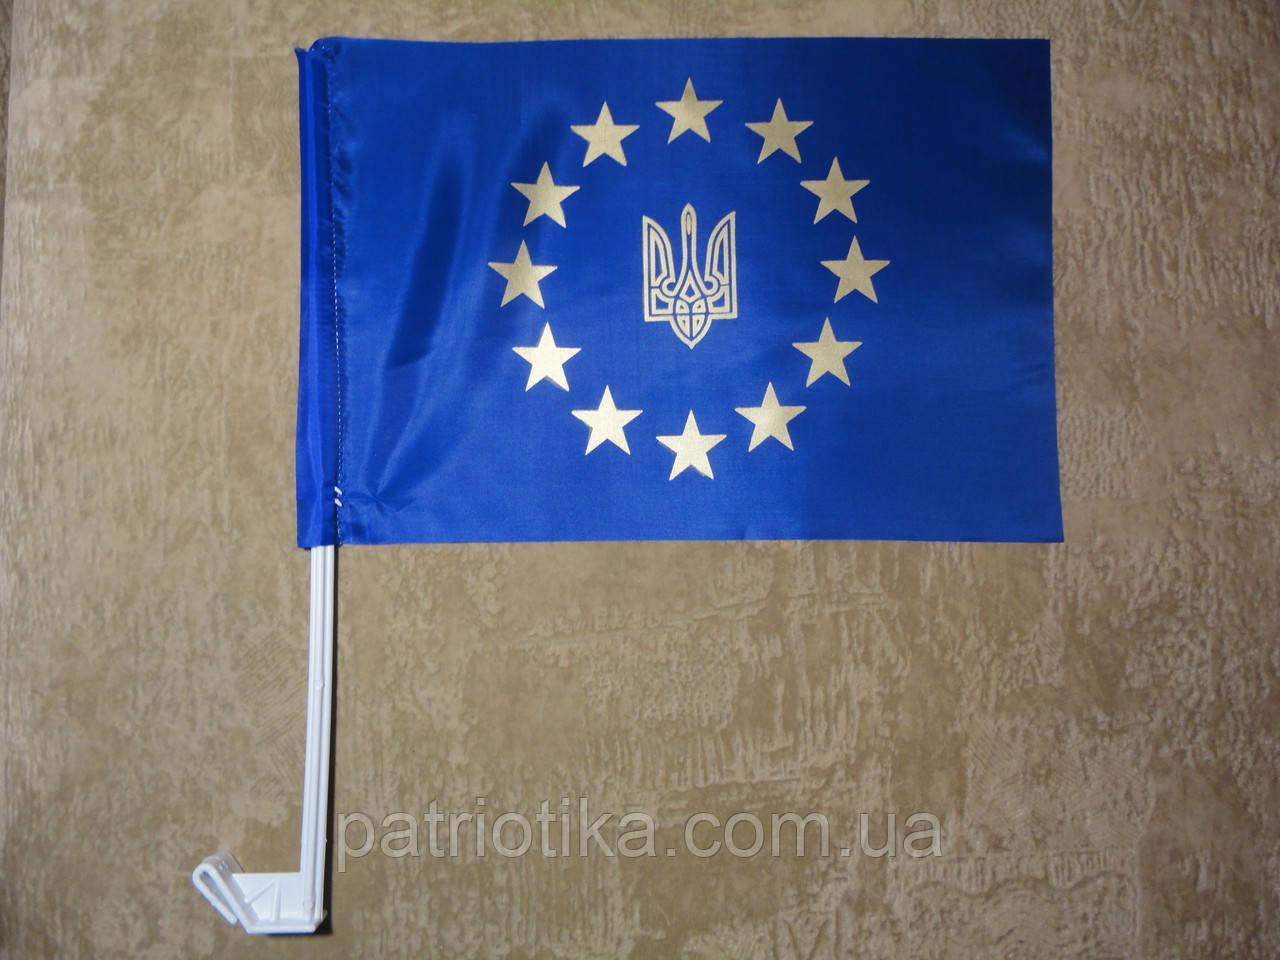 Флаг Украины атлас Украина-Евросоюз 37х24см | Прапор України атлас Україна-Євросоюз 37х24см